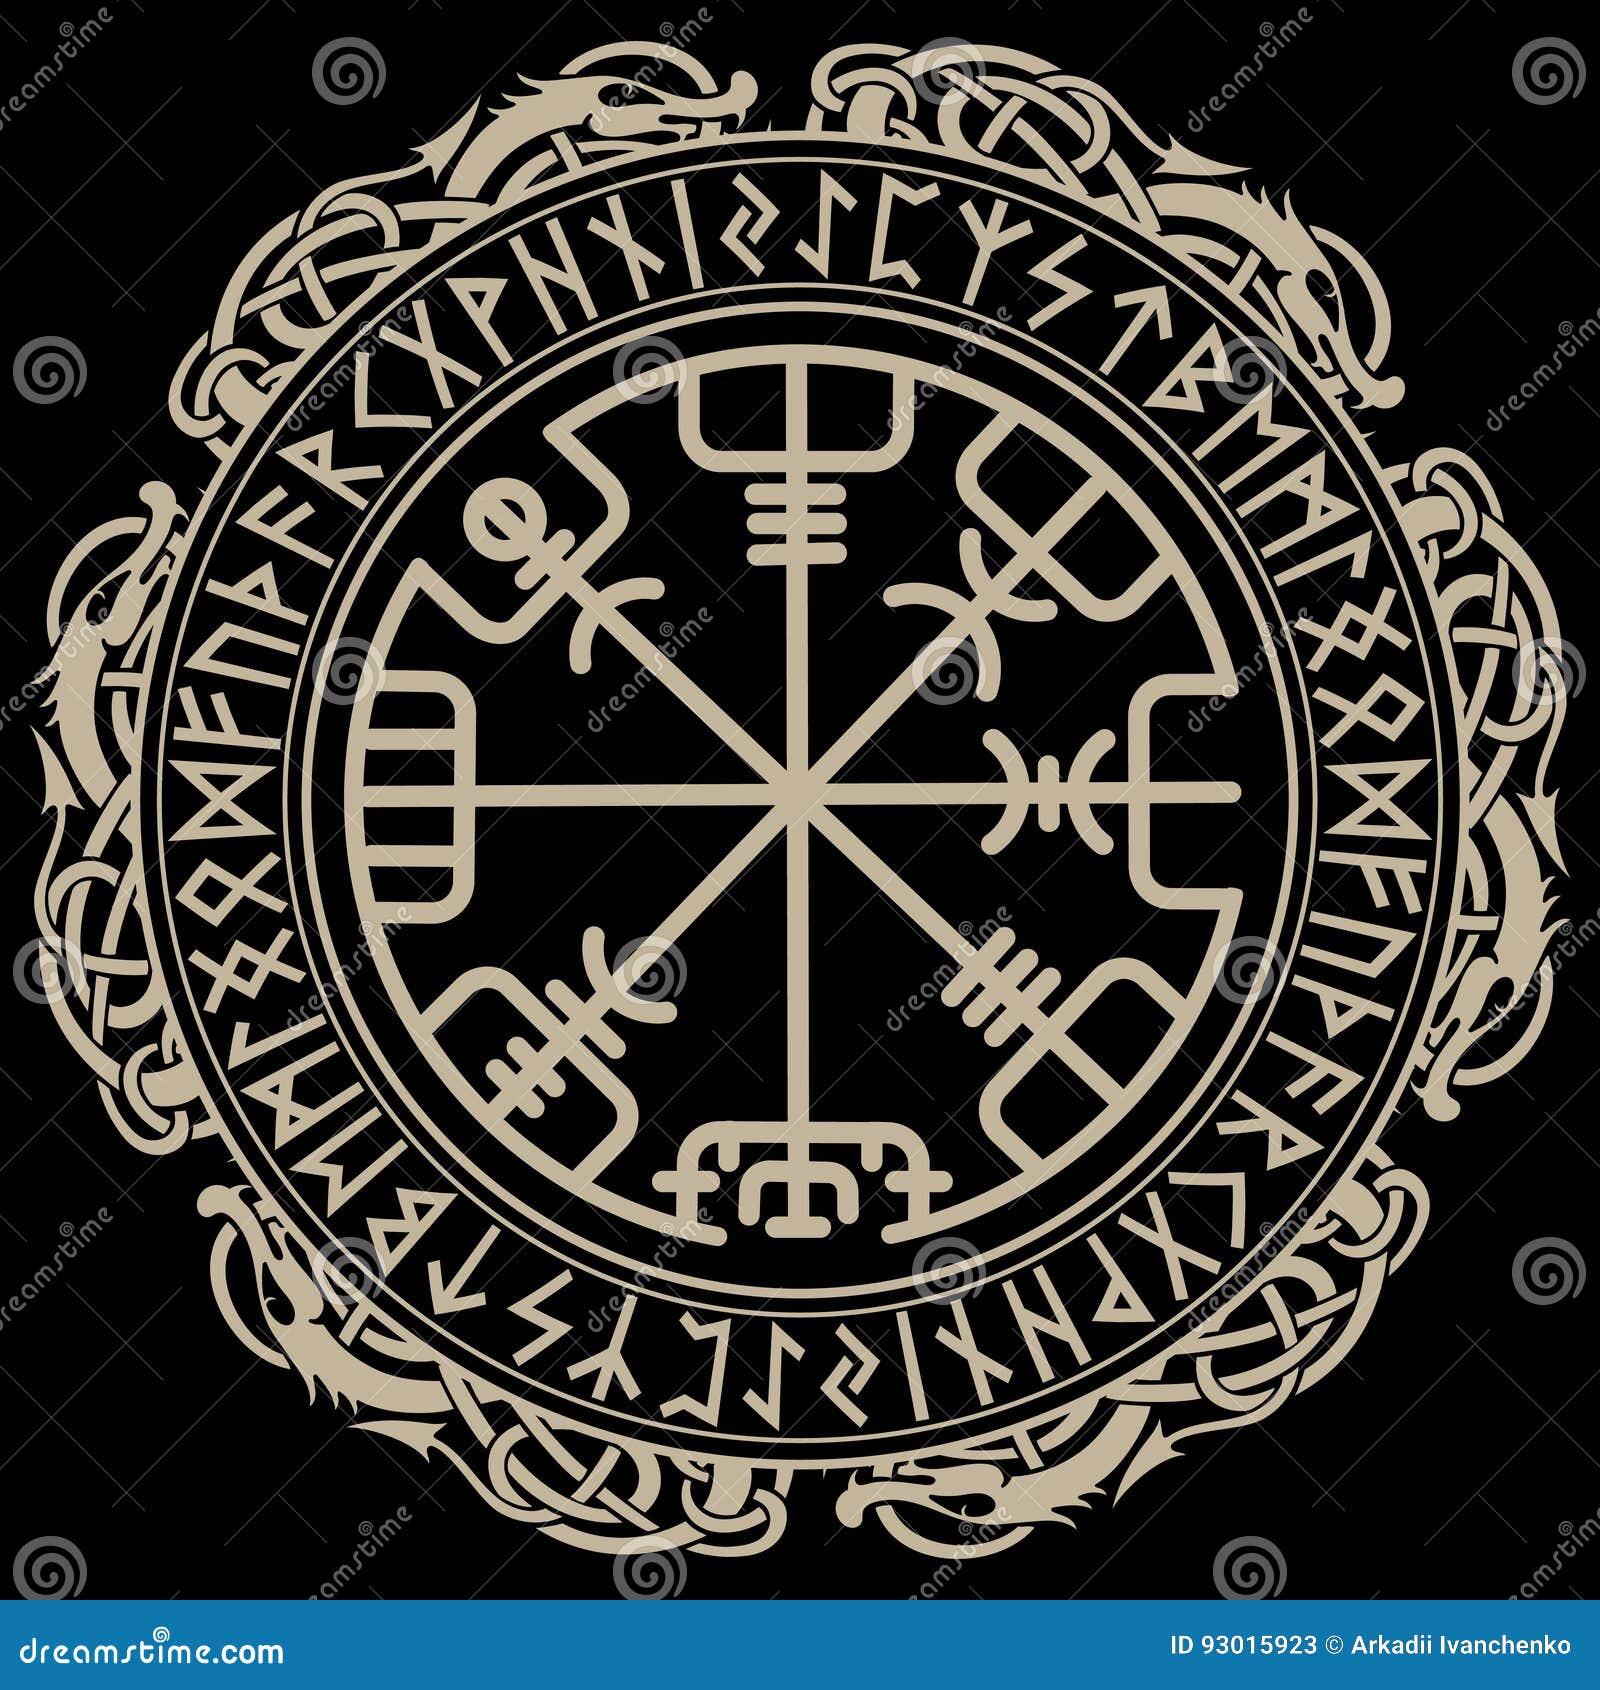 Viking Ontwerp Magisch Runen Kompas Vegvisir In De Cirkel Van